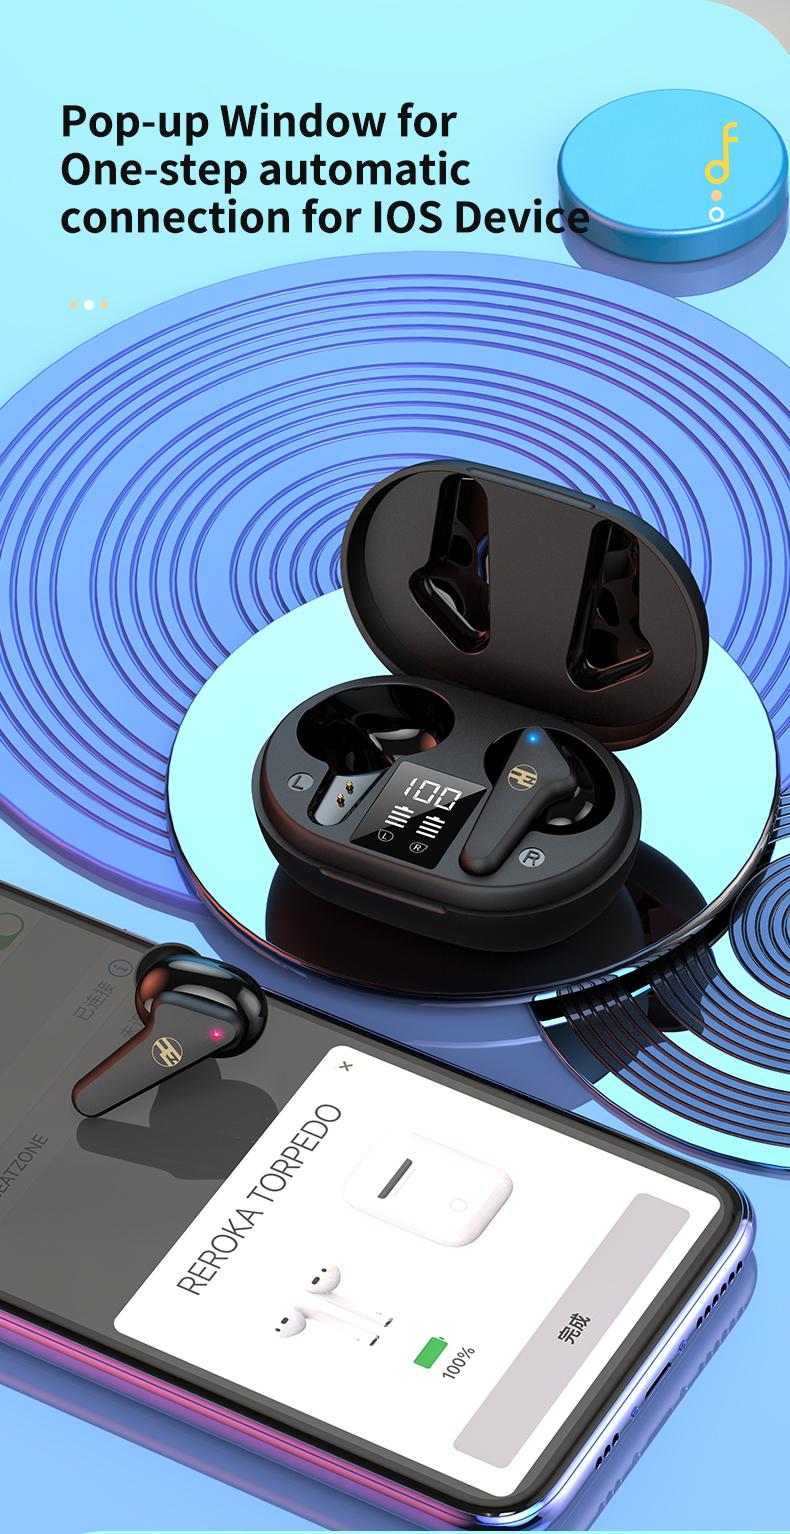 Tai Nghe Bluetooth V5.0 True Wireless Không Dây Reroka Torpedo 2021 Cảm Ứng Vân Tay Âm Thanh Hi-Fi  Bass Căng Trầm Pin Trâu Hiển Thị Mức Pin Đèn Led Chống Ồn Chống Nước Đổi Tên Thiết Bị Kiểu Giáng Thể Thao Đeo Chắc Tai 3 Màu Trắng Hồng Đen- Hàng Chính Hãng 6